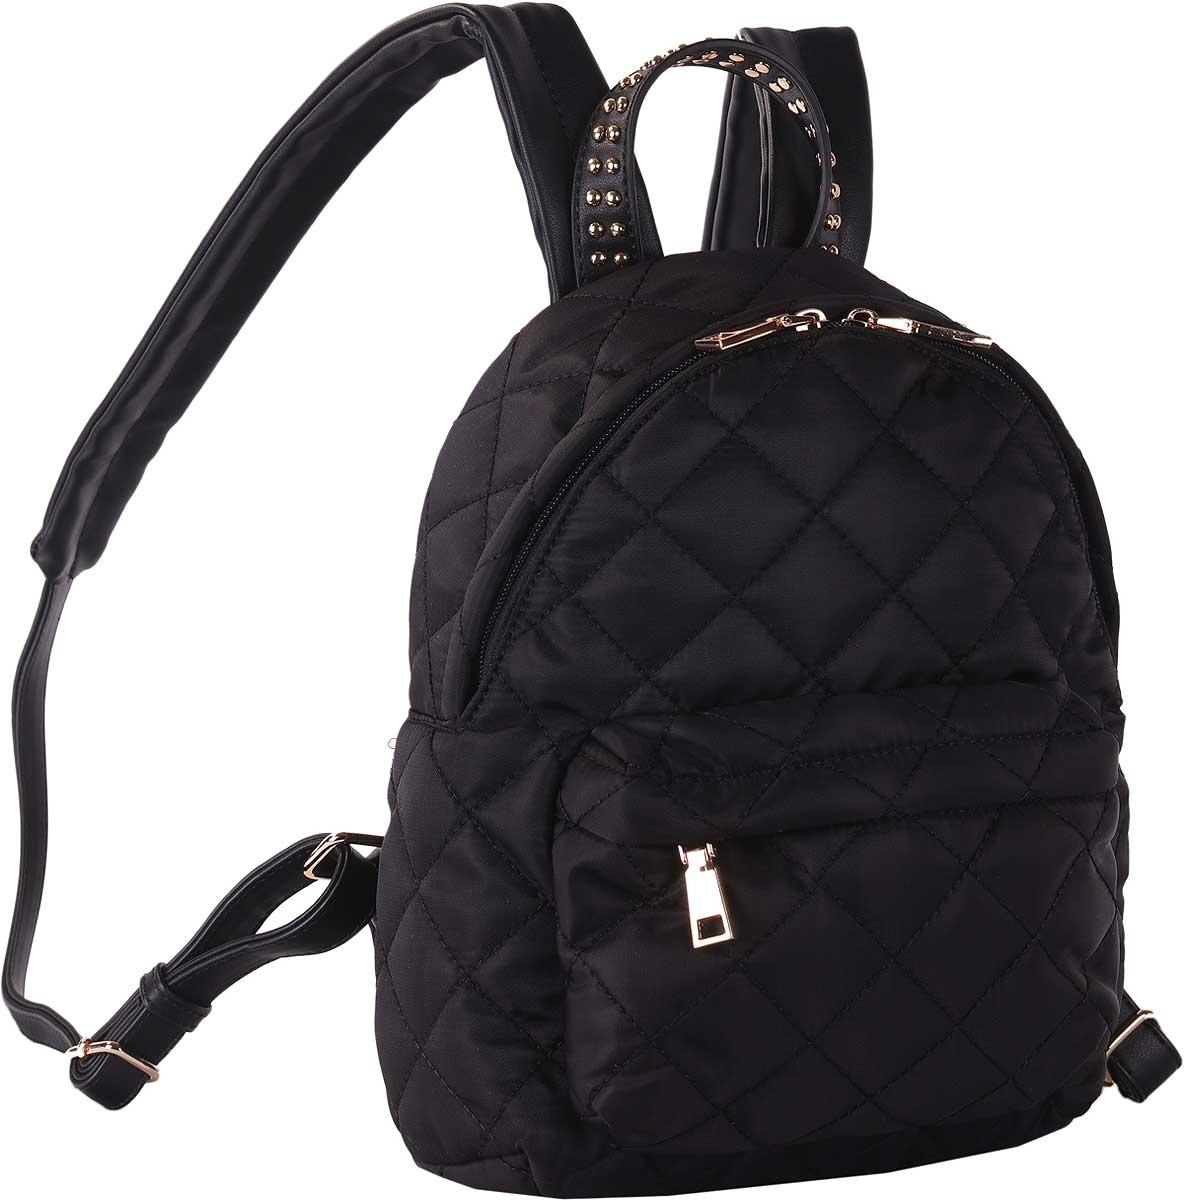 Рюкзак женский Pola, цвет: черный. 74543